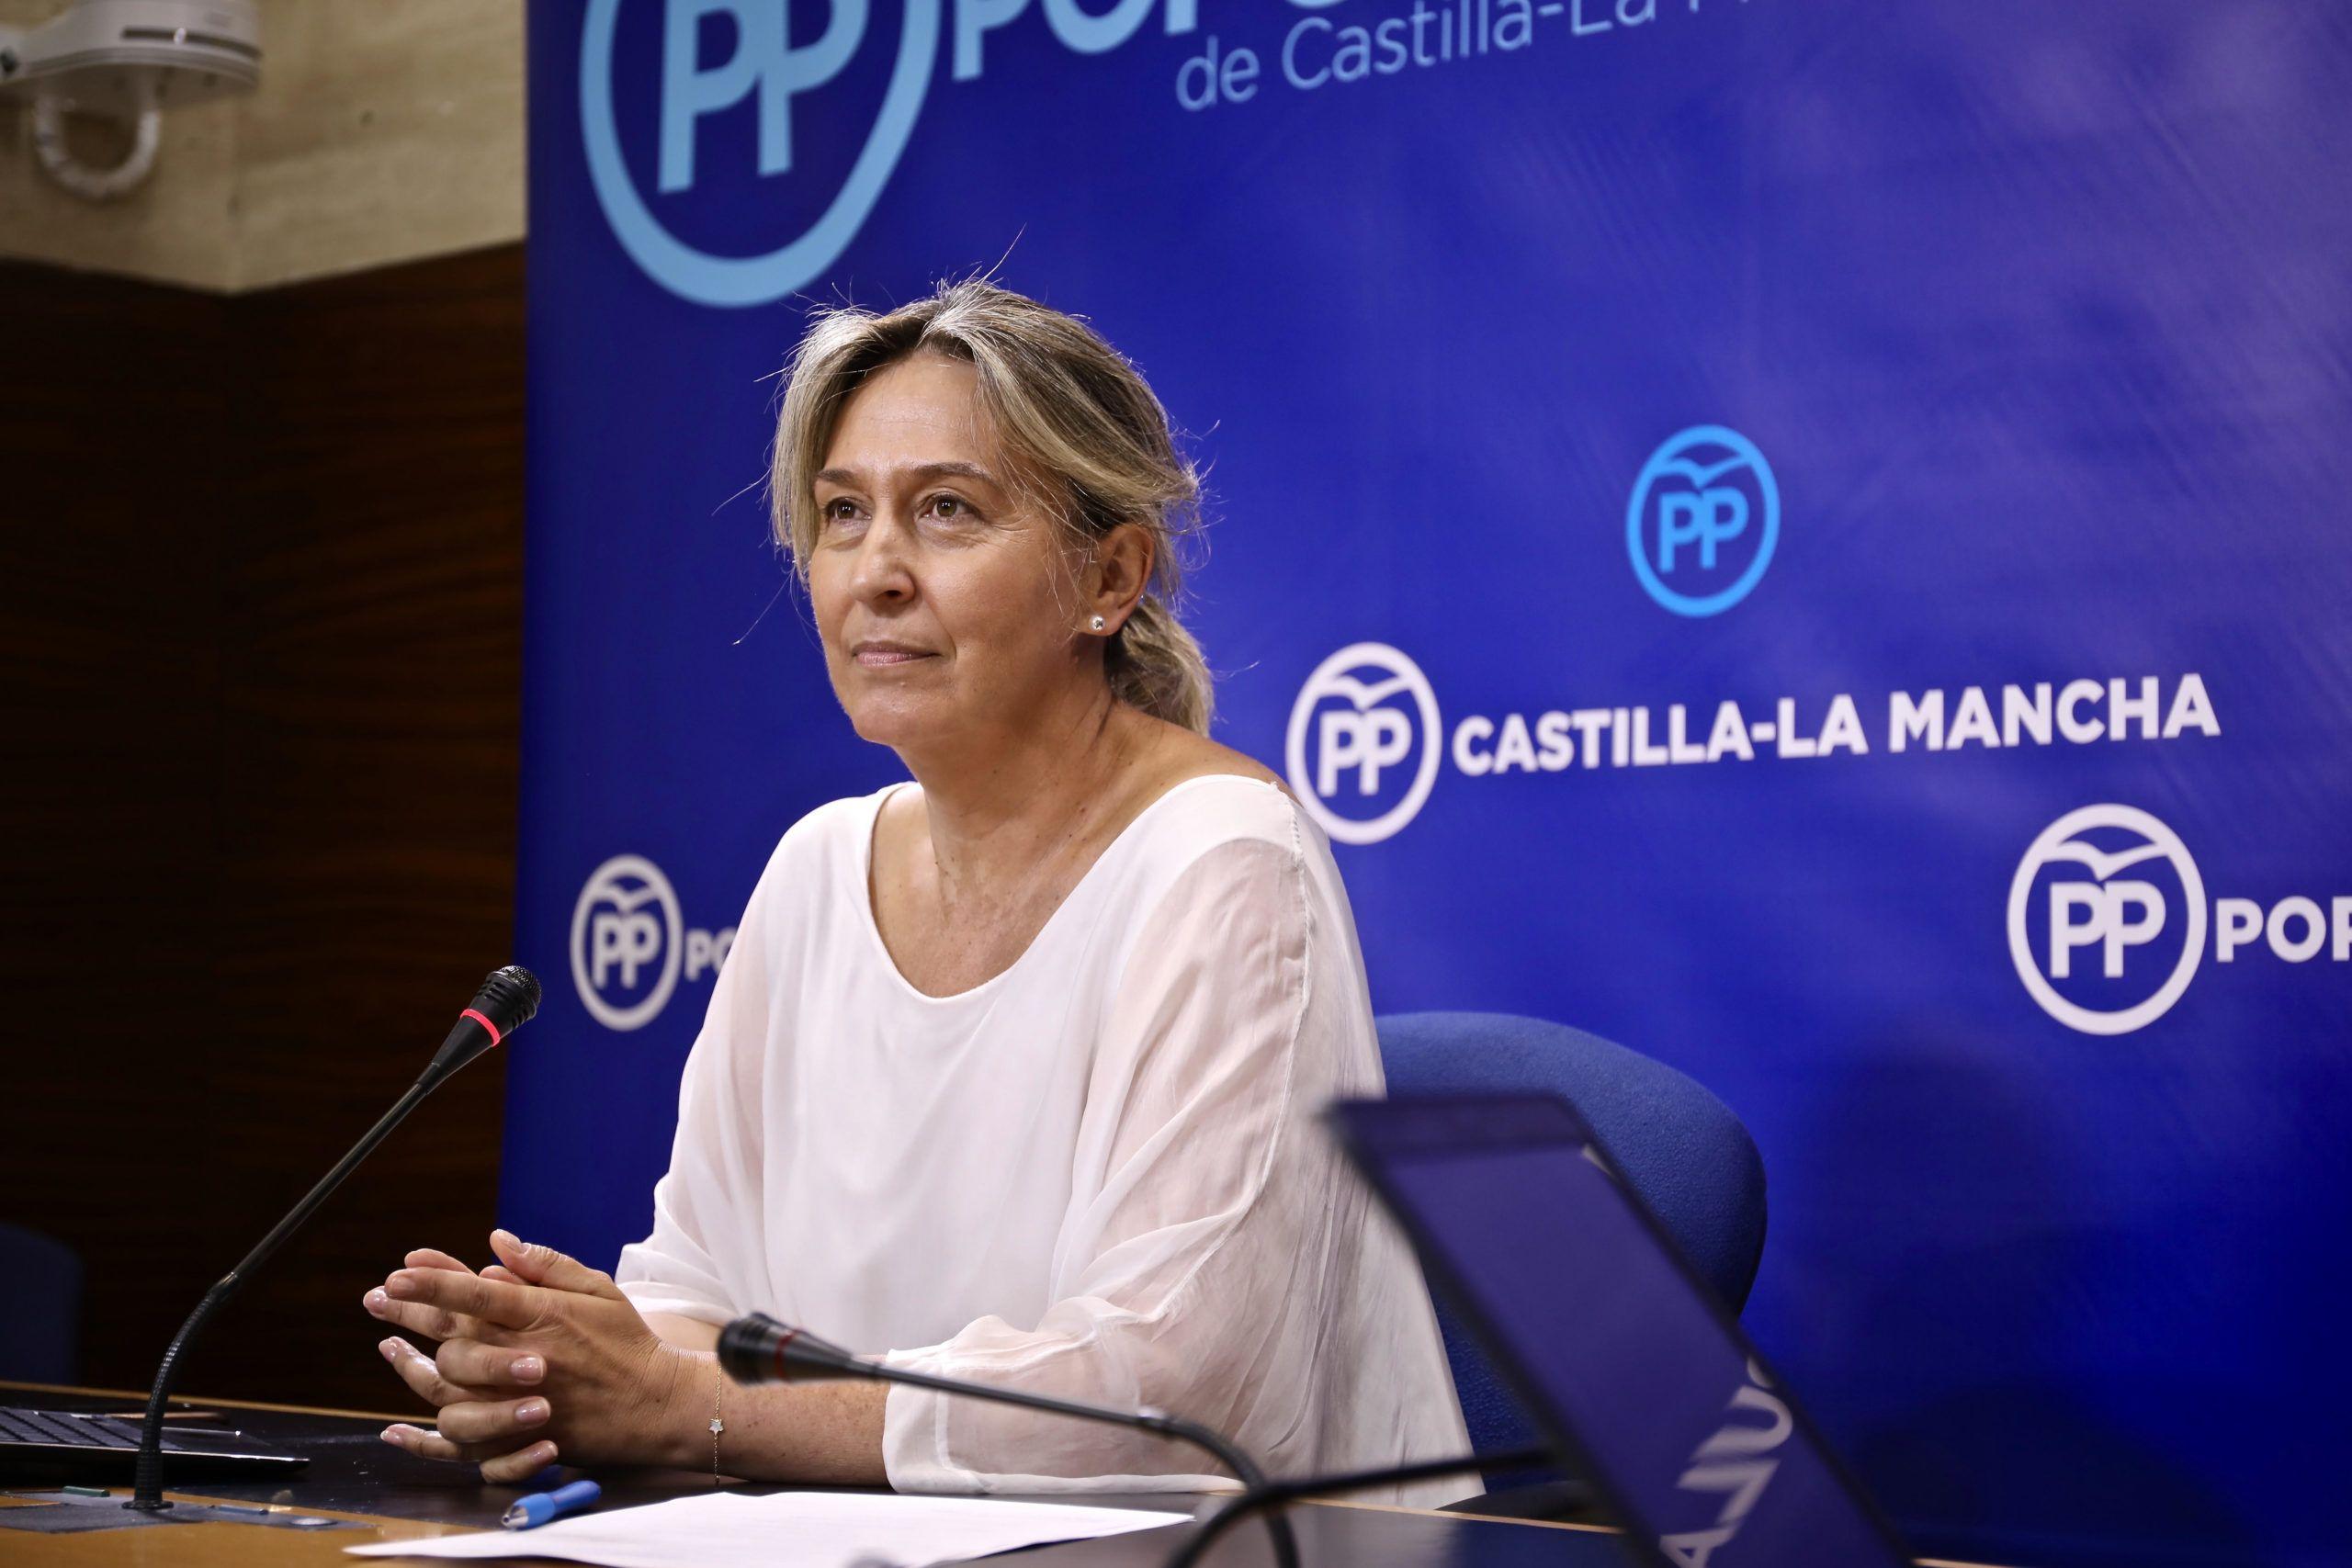 Guarinos lamenta la desaparición de Page y un Gobierno que ha decidido huir de los problemas y abandonar a los castellano manchegos en los momentos más difíciles y de mayor incertidumbre